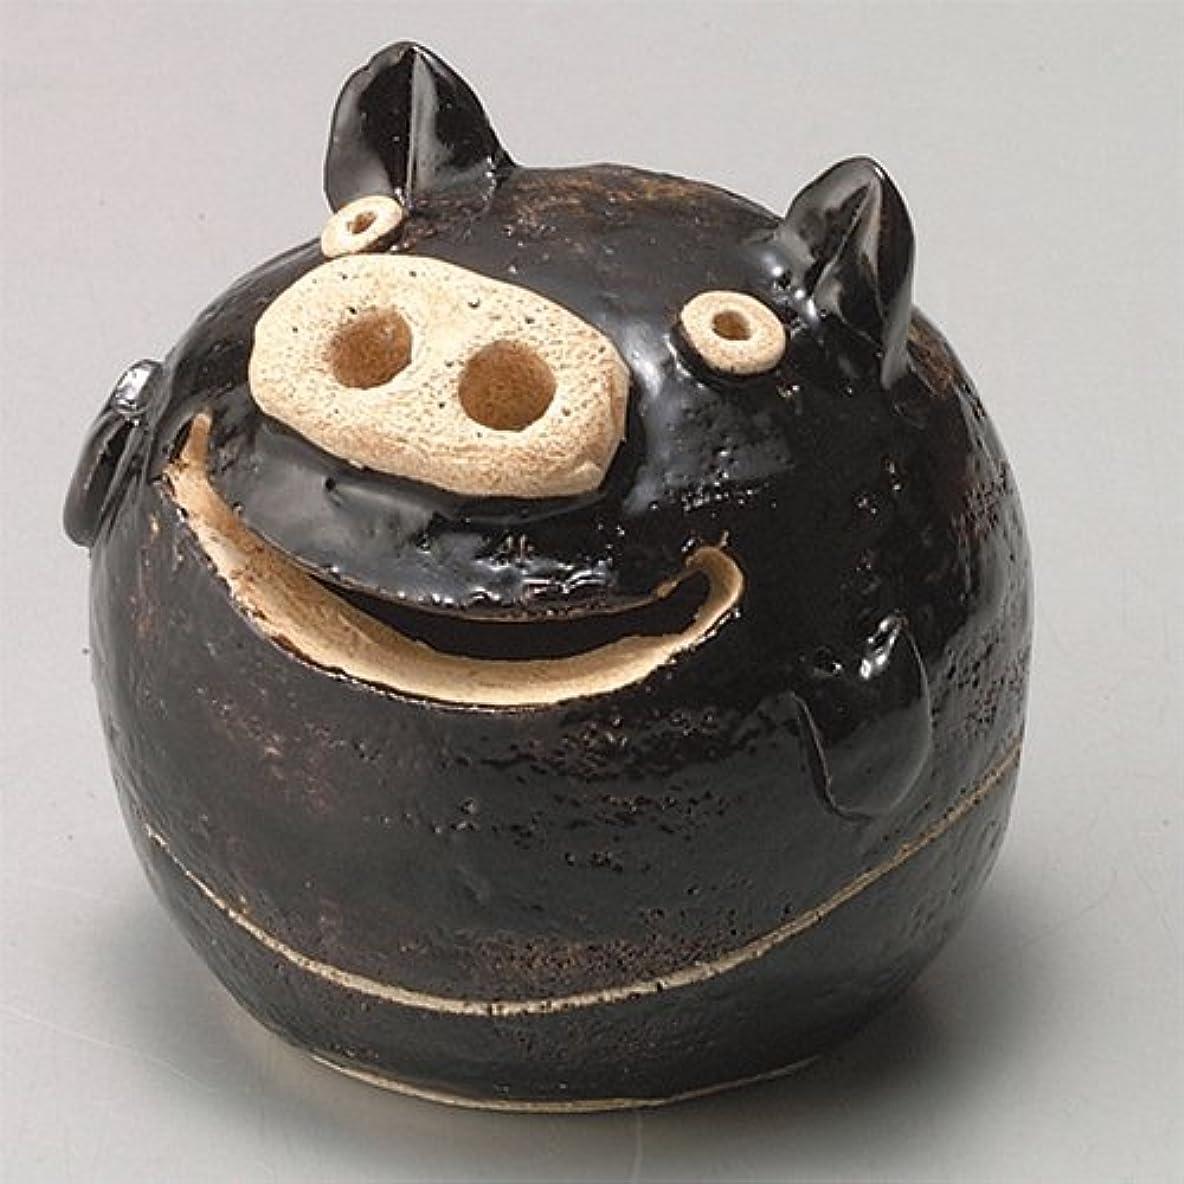 手がかり灌漑プライム香炉 ぶた君 香炉(黒) [H9cm] HANDMADE プレゼント ギフト 和食器 かわいい インテリア